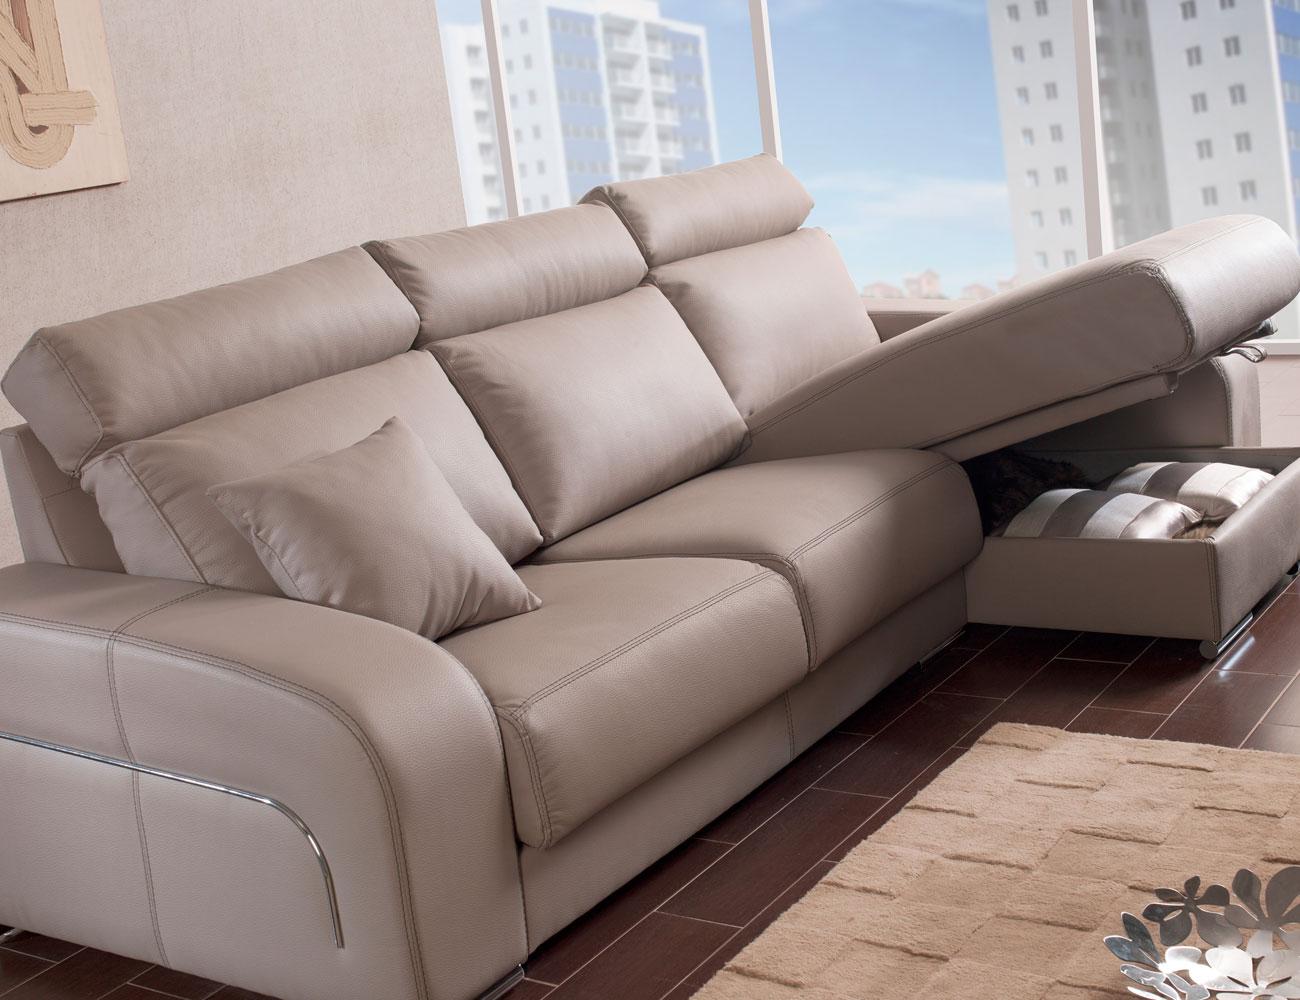 Sofa chaiselongue moderno pared cero arcon2